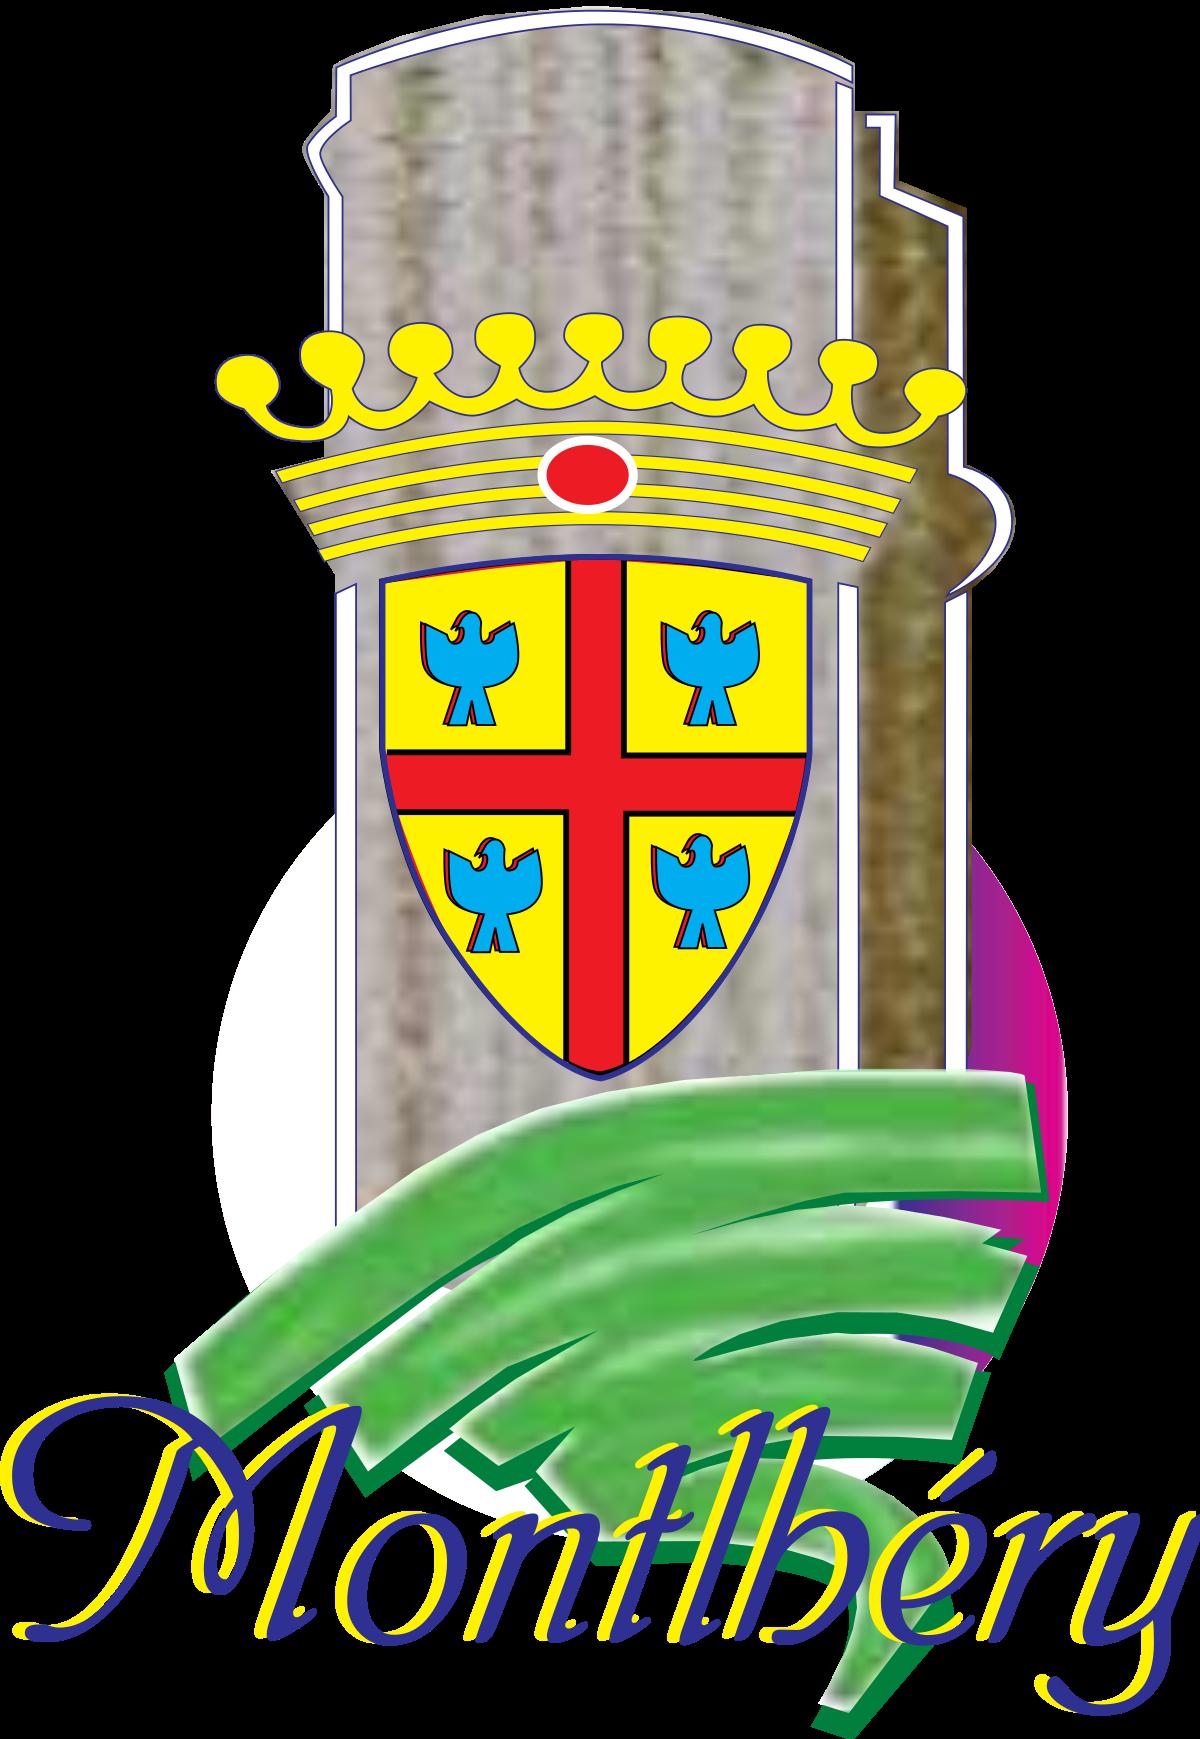 VILLE DE MONTLHERY